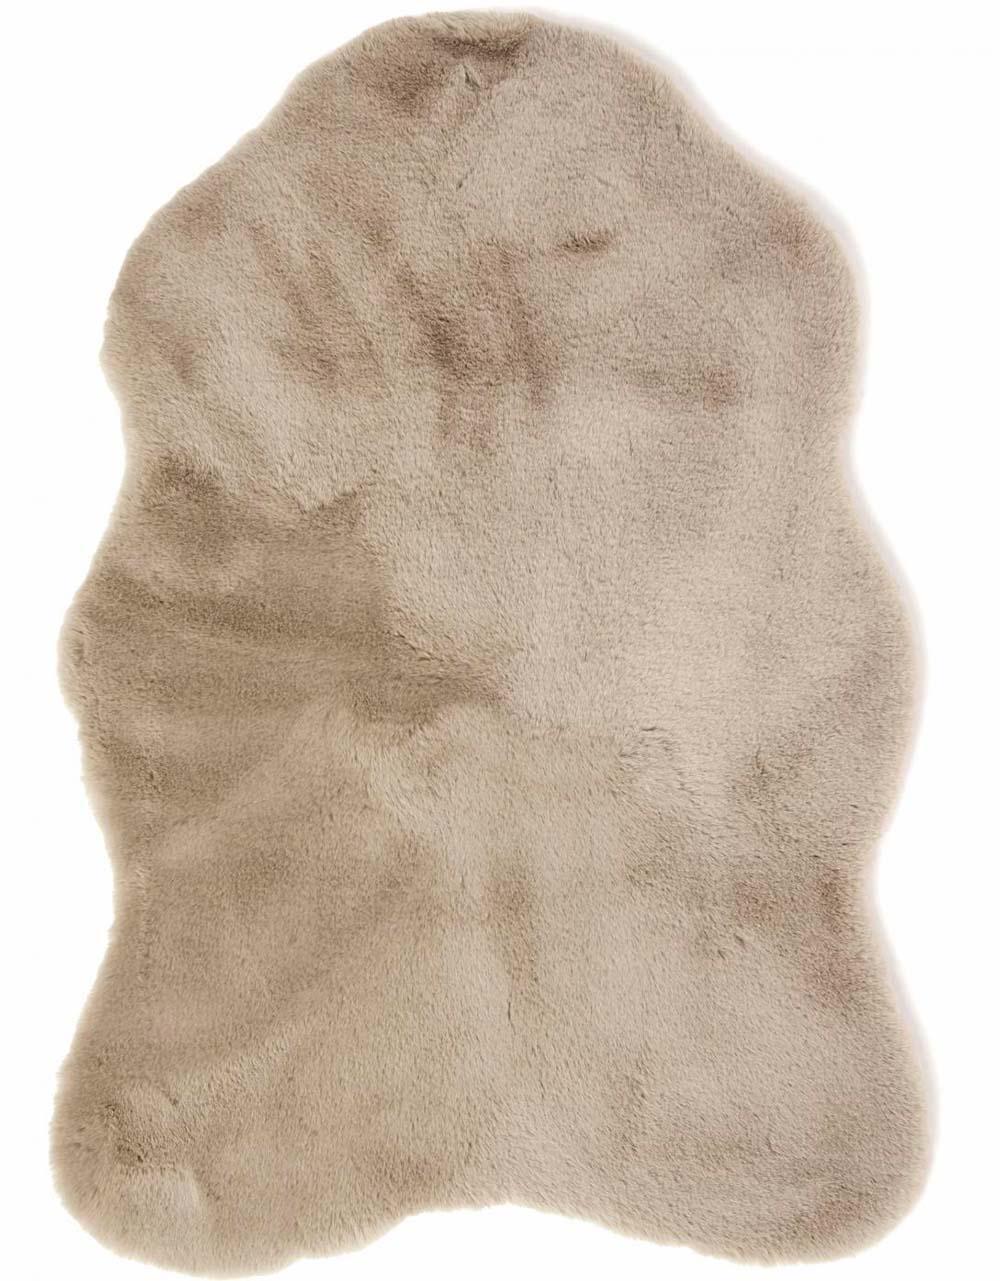 TALJA Fluffy taupe Skinnwille